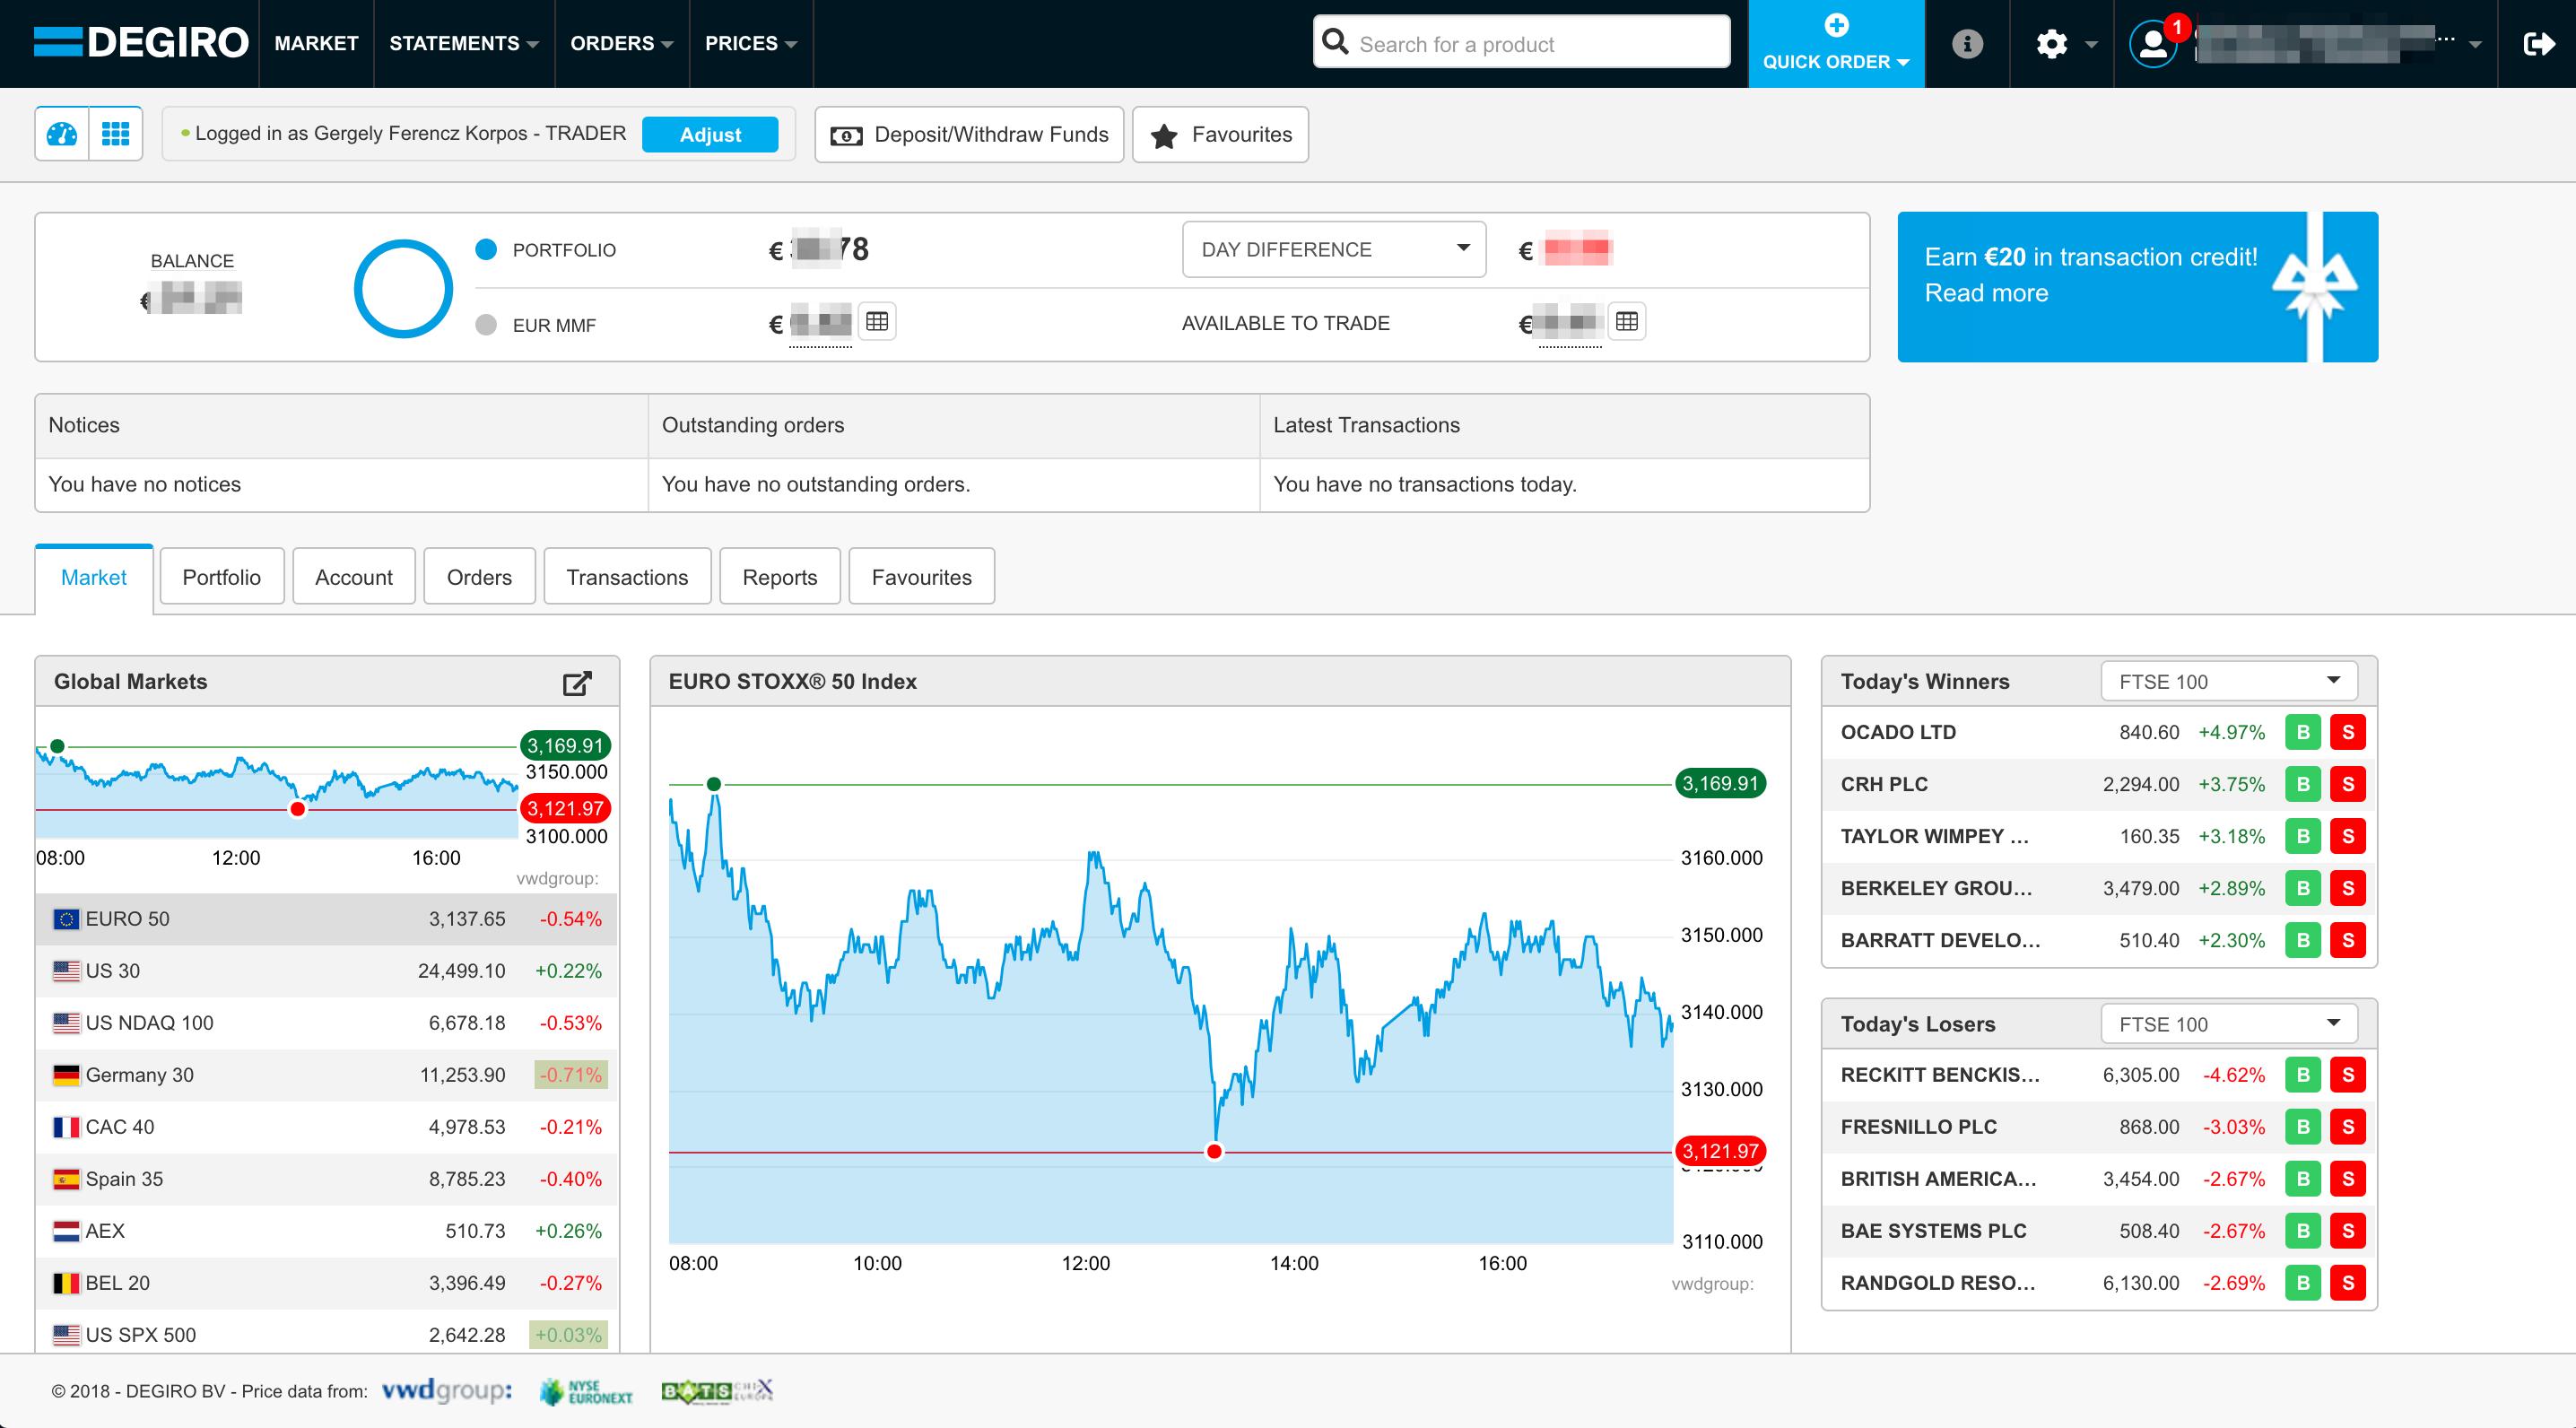 Best discount brokers - DEGIRO trading platform